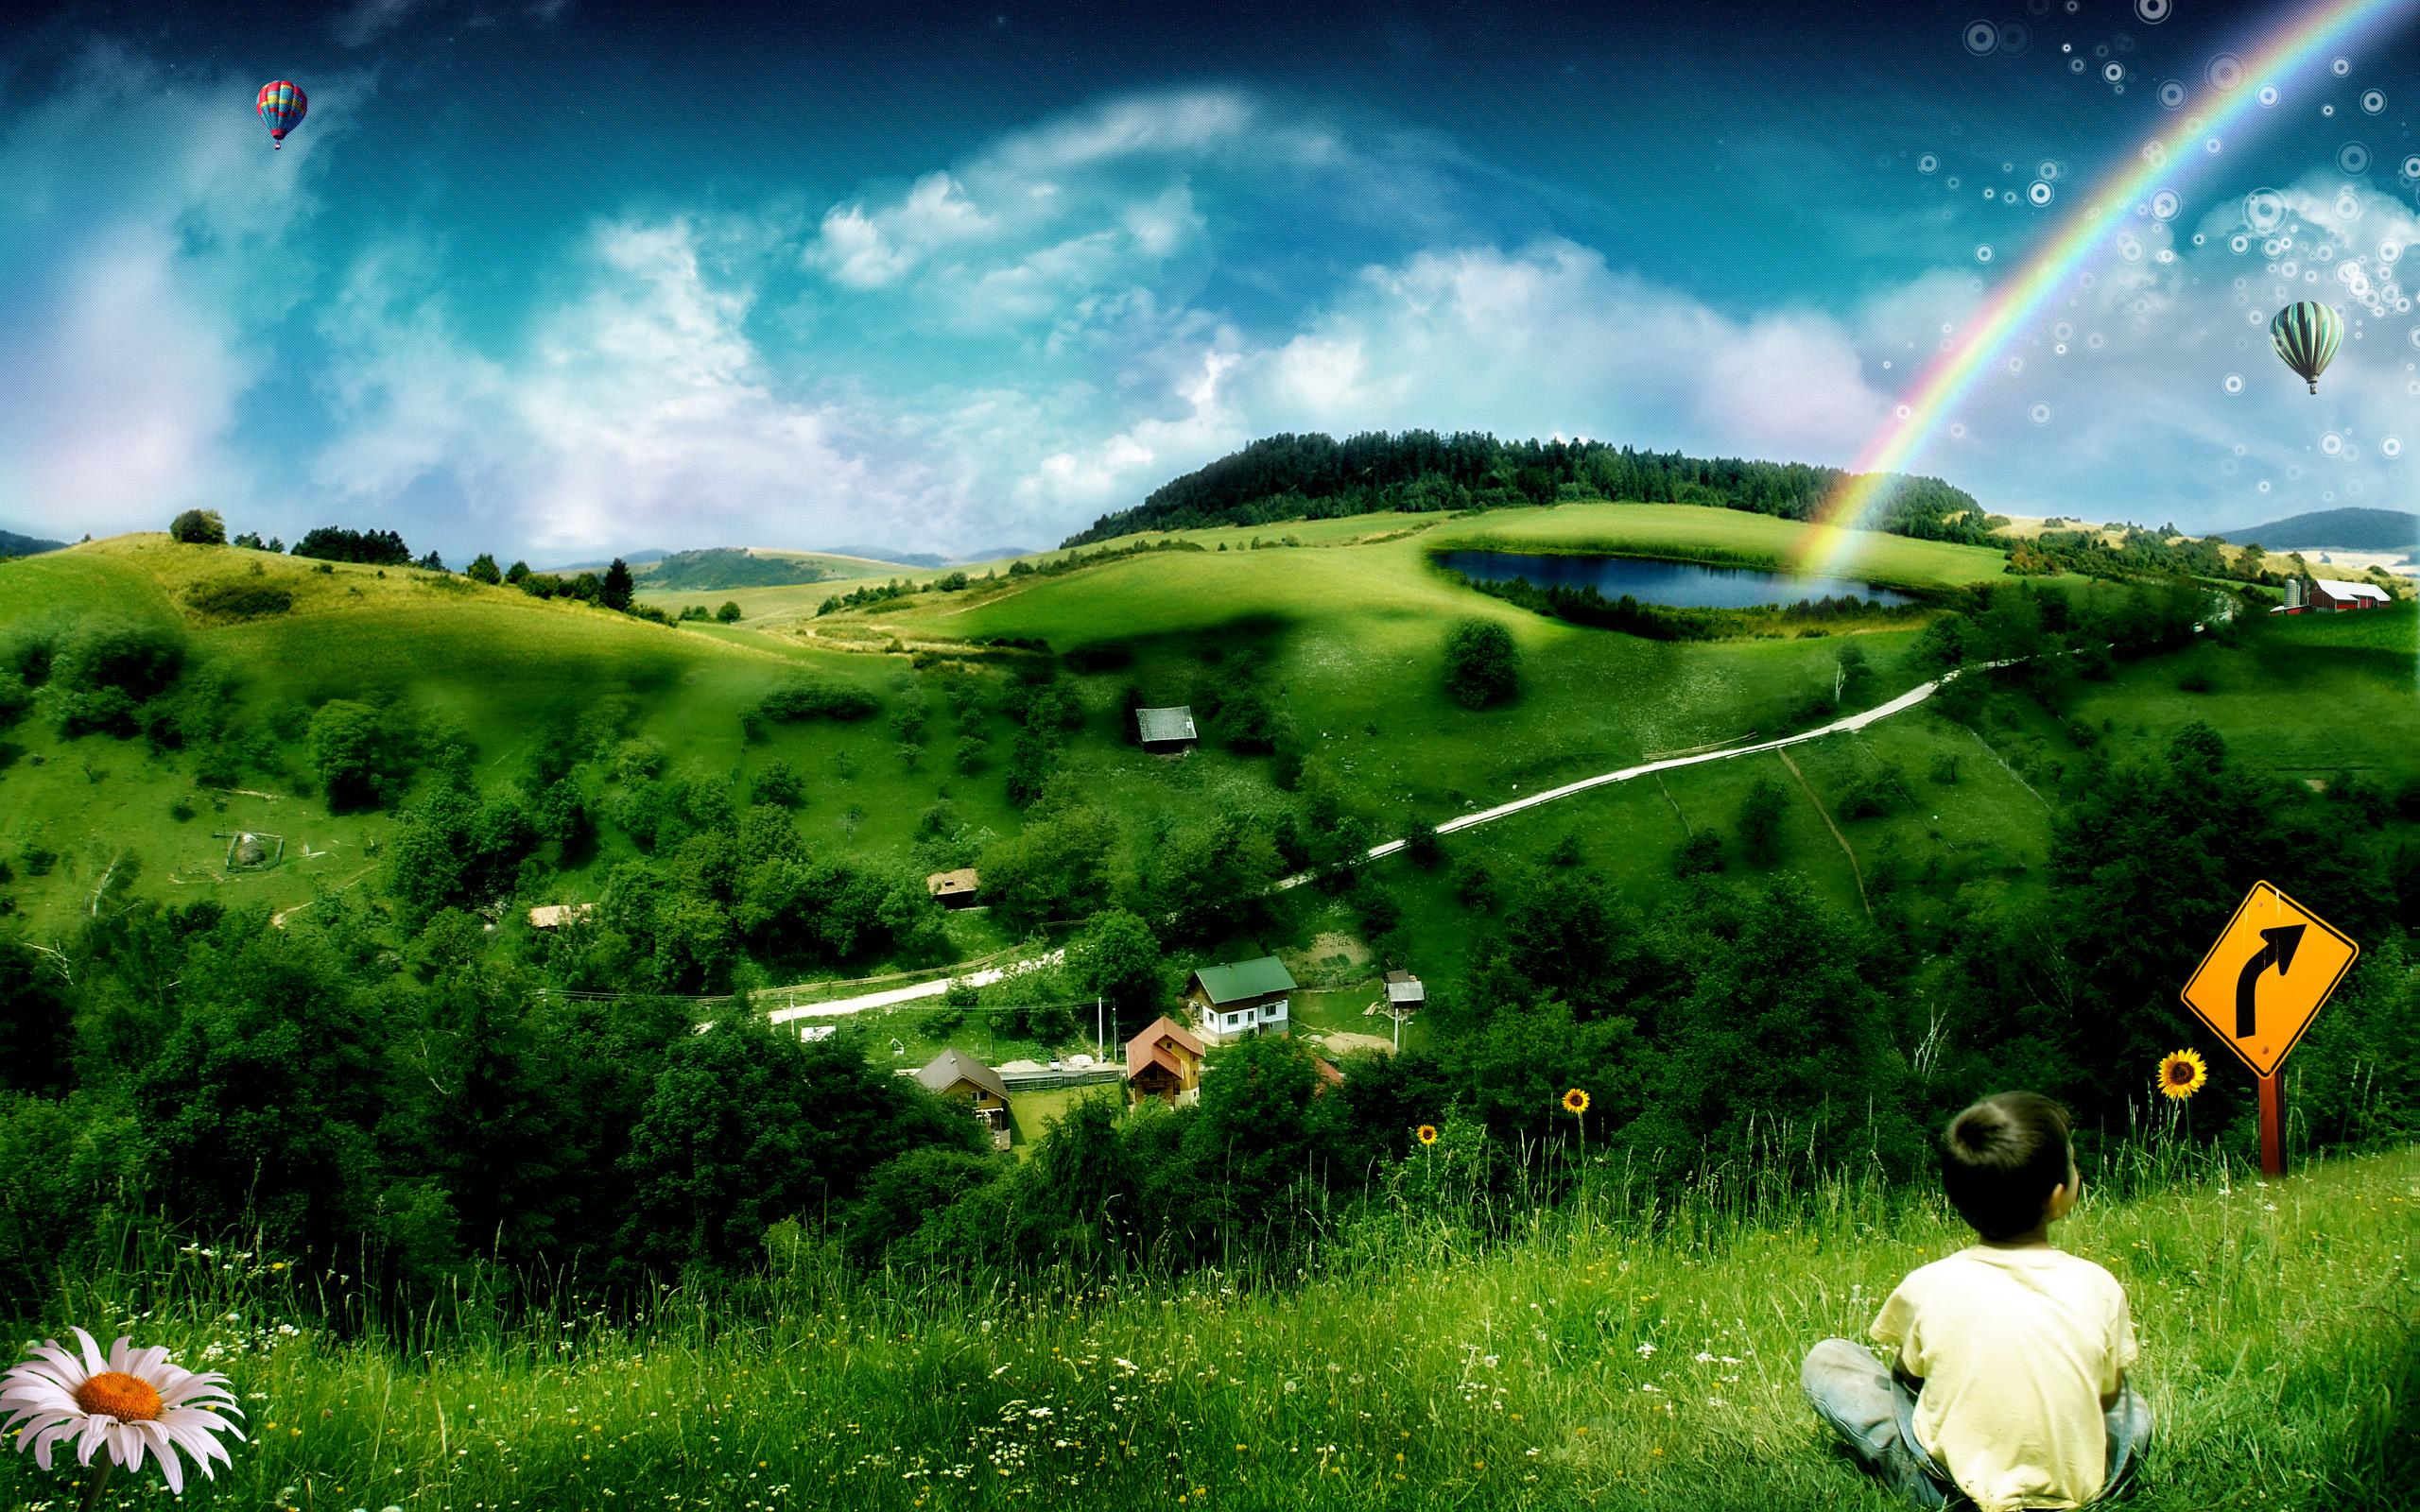 mutluluk-verici-huzurlu-guzel-manzara1